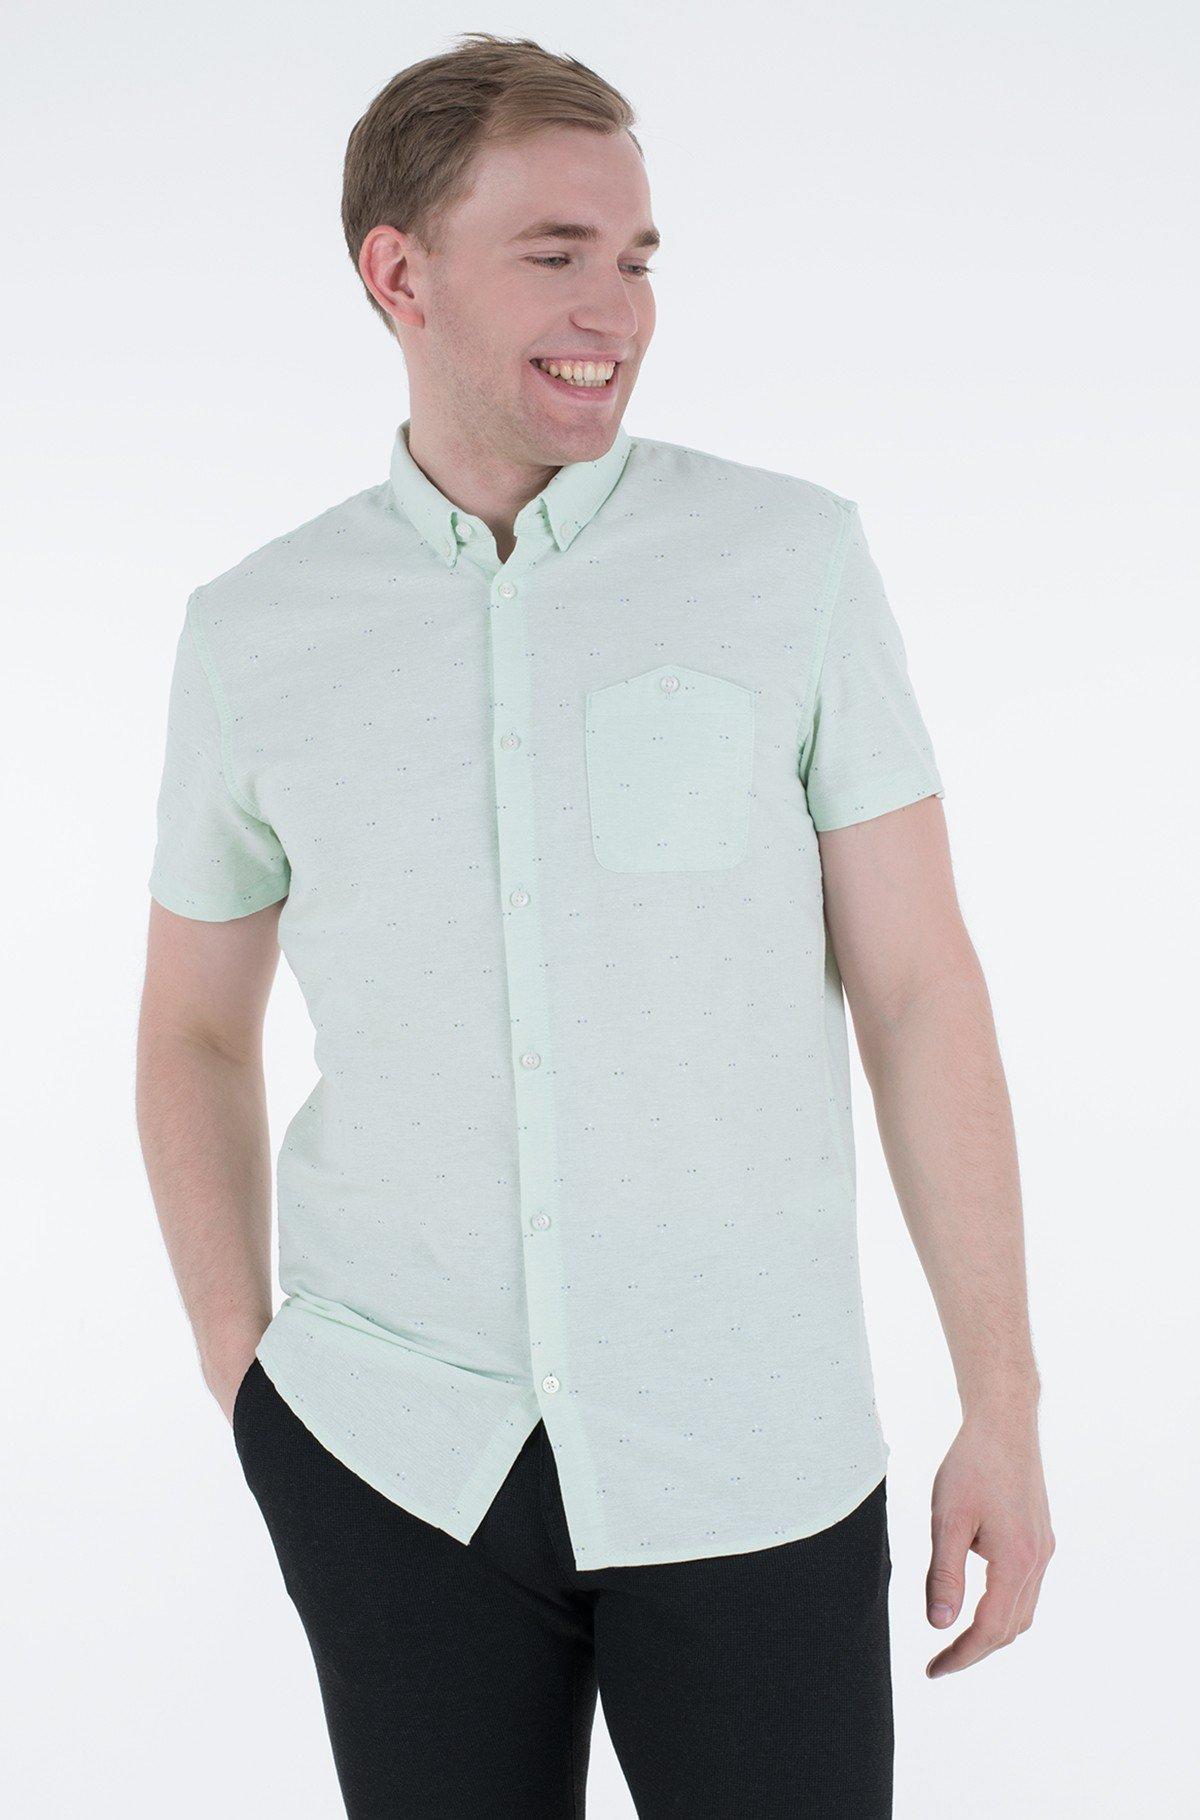 Shirt 1025474-full-1